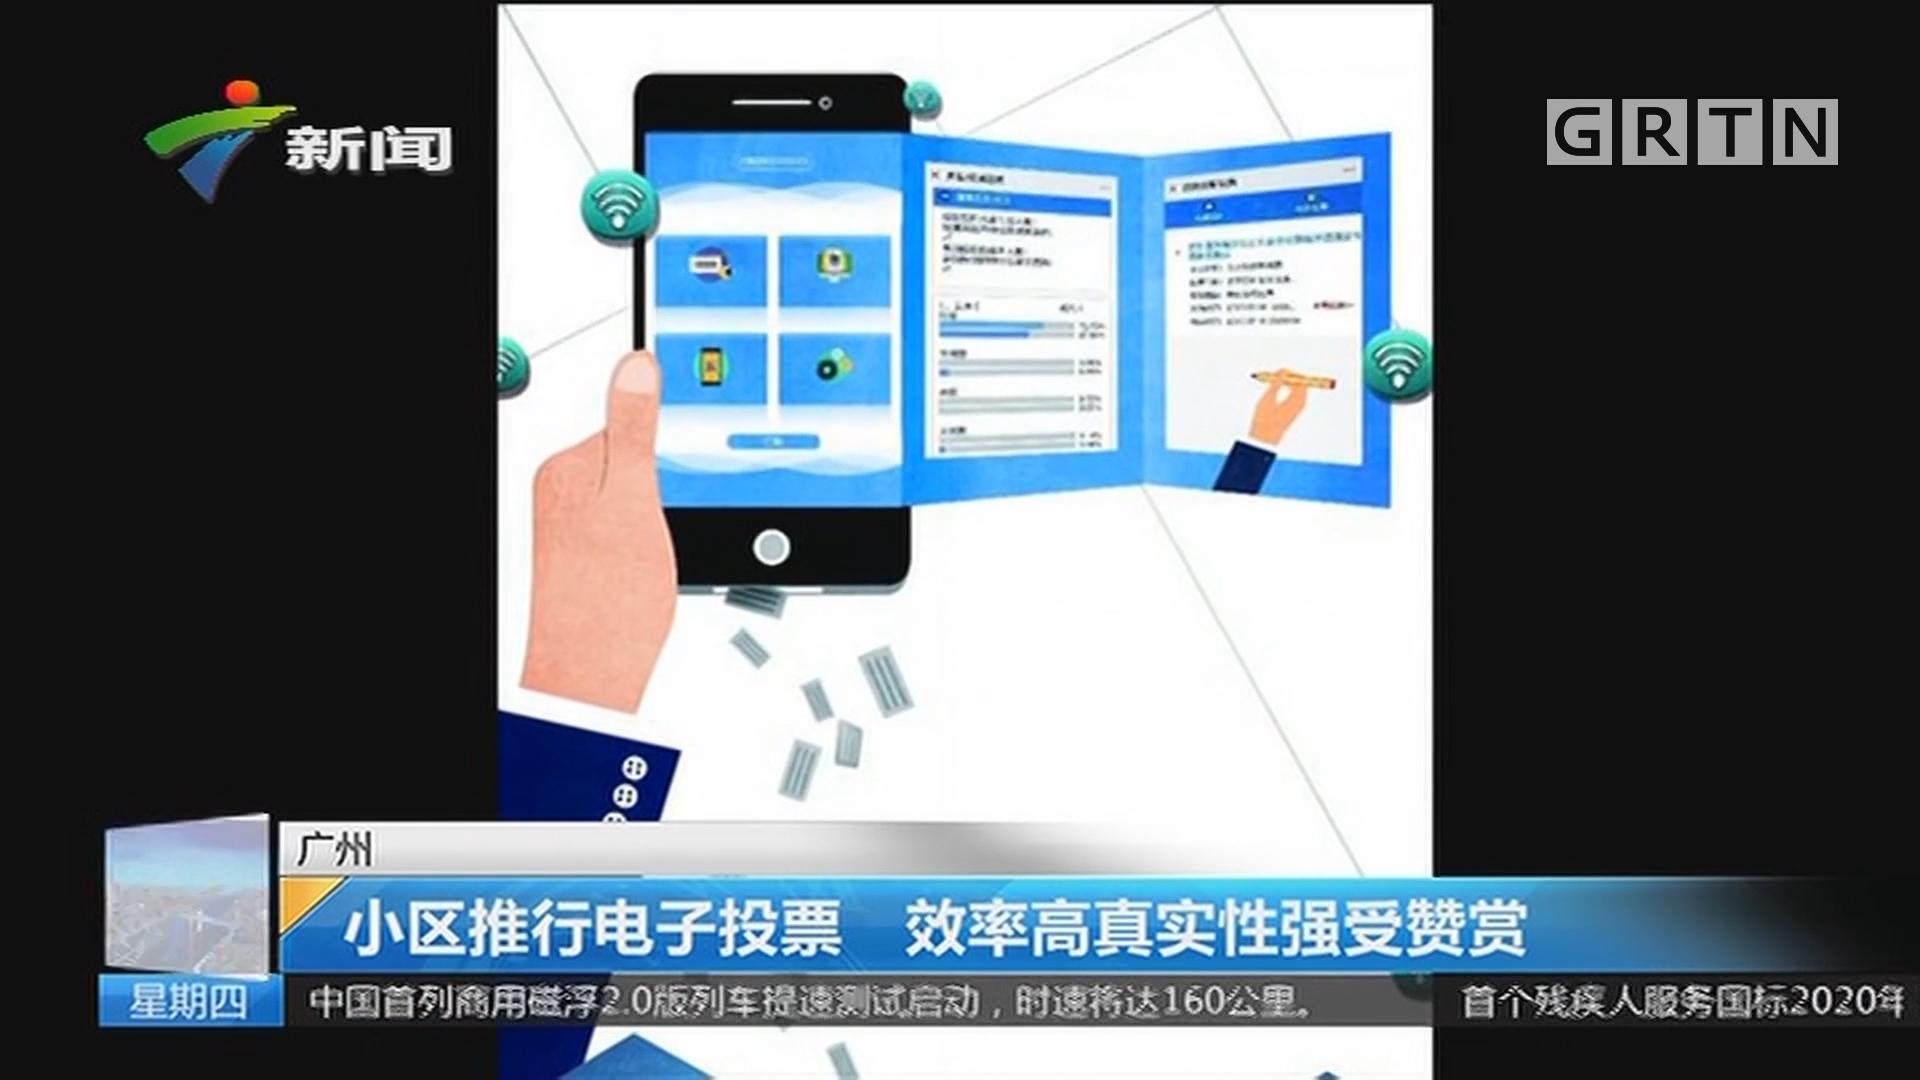 广州:小区推行电子投票 效率高真实性强受赞赏